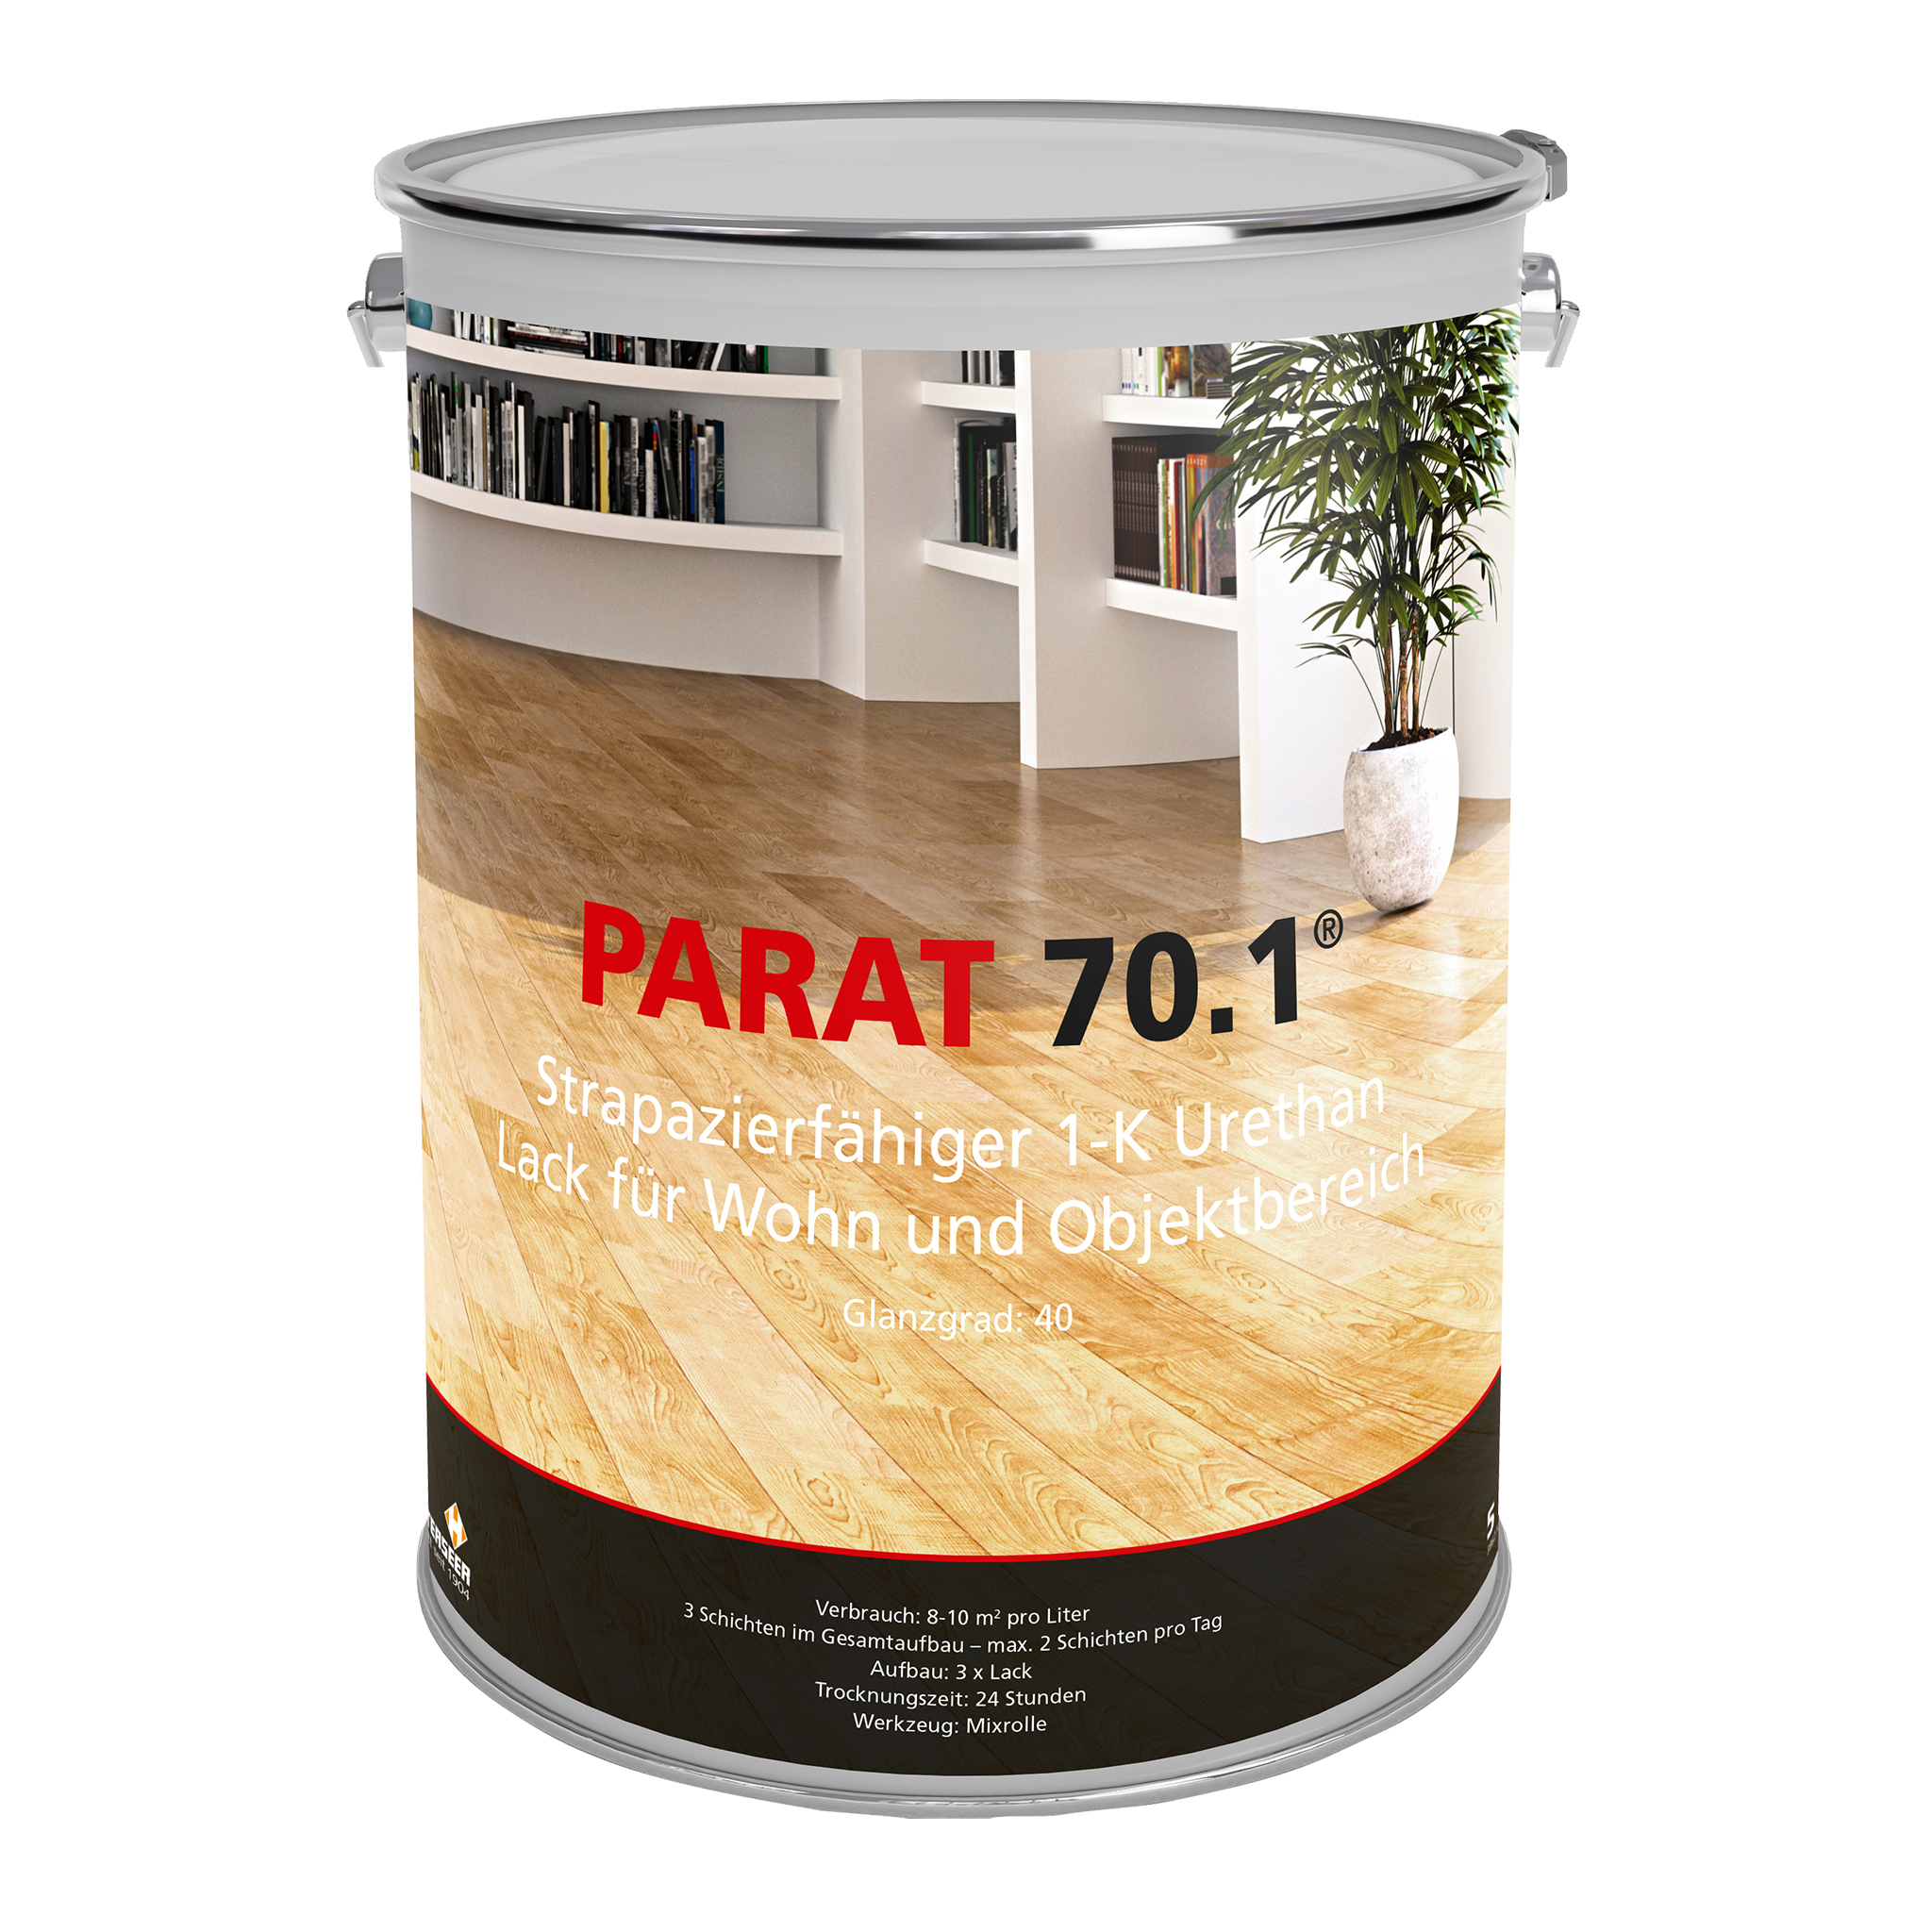 PARAT 70.1 parquet lacquer 5 Ltr.